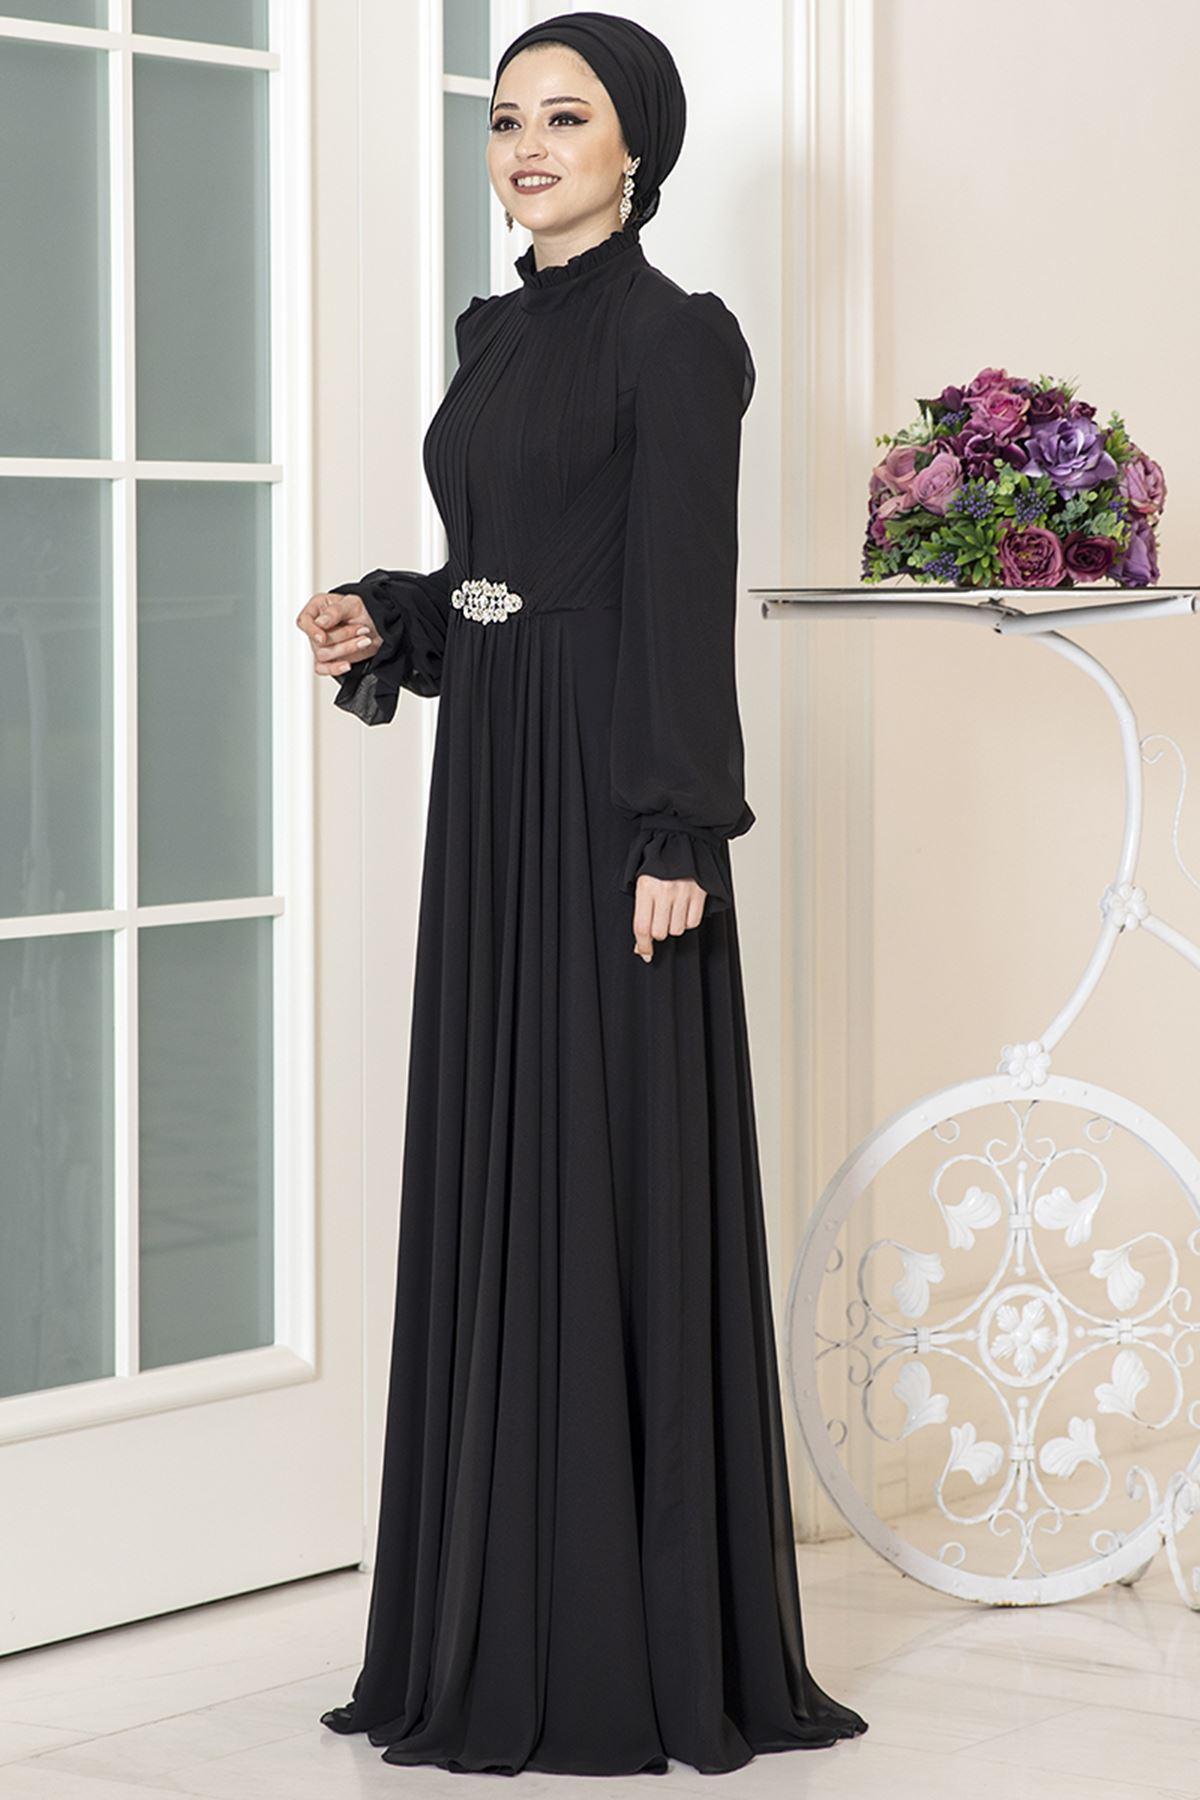 Al Marah Rüya Şifon Abiye Siyah ALM3017